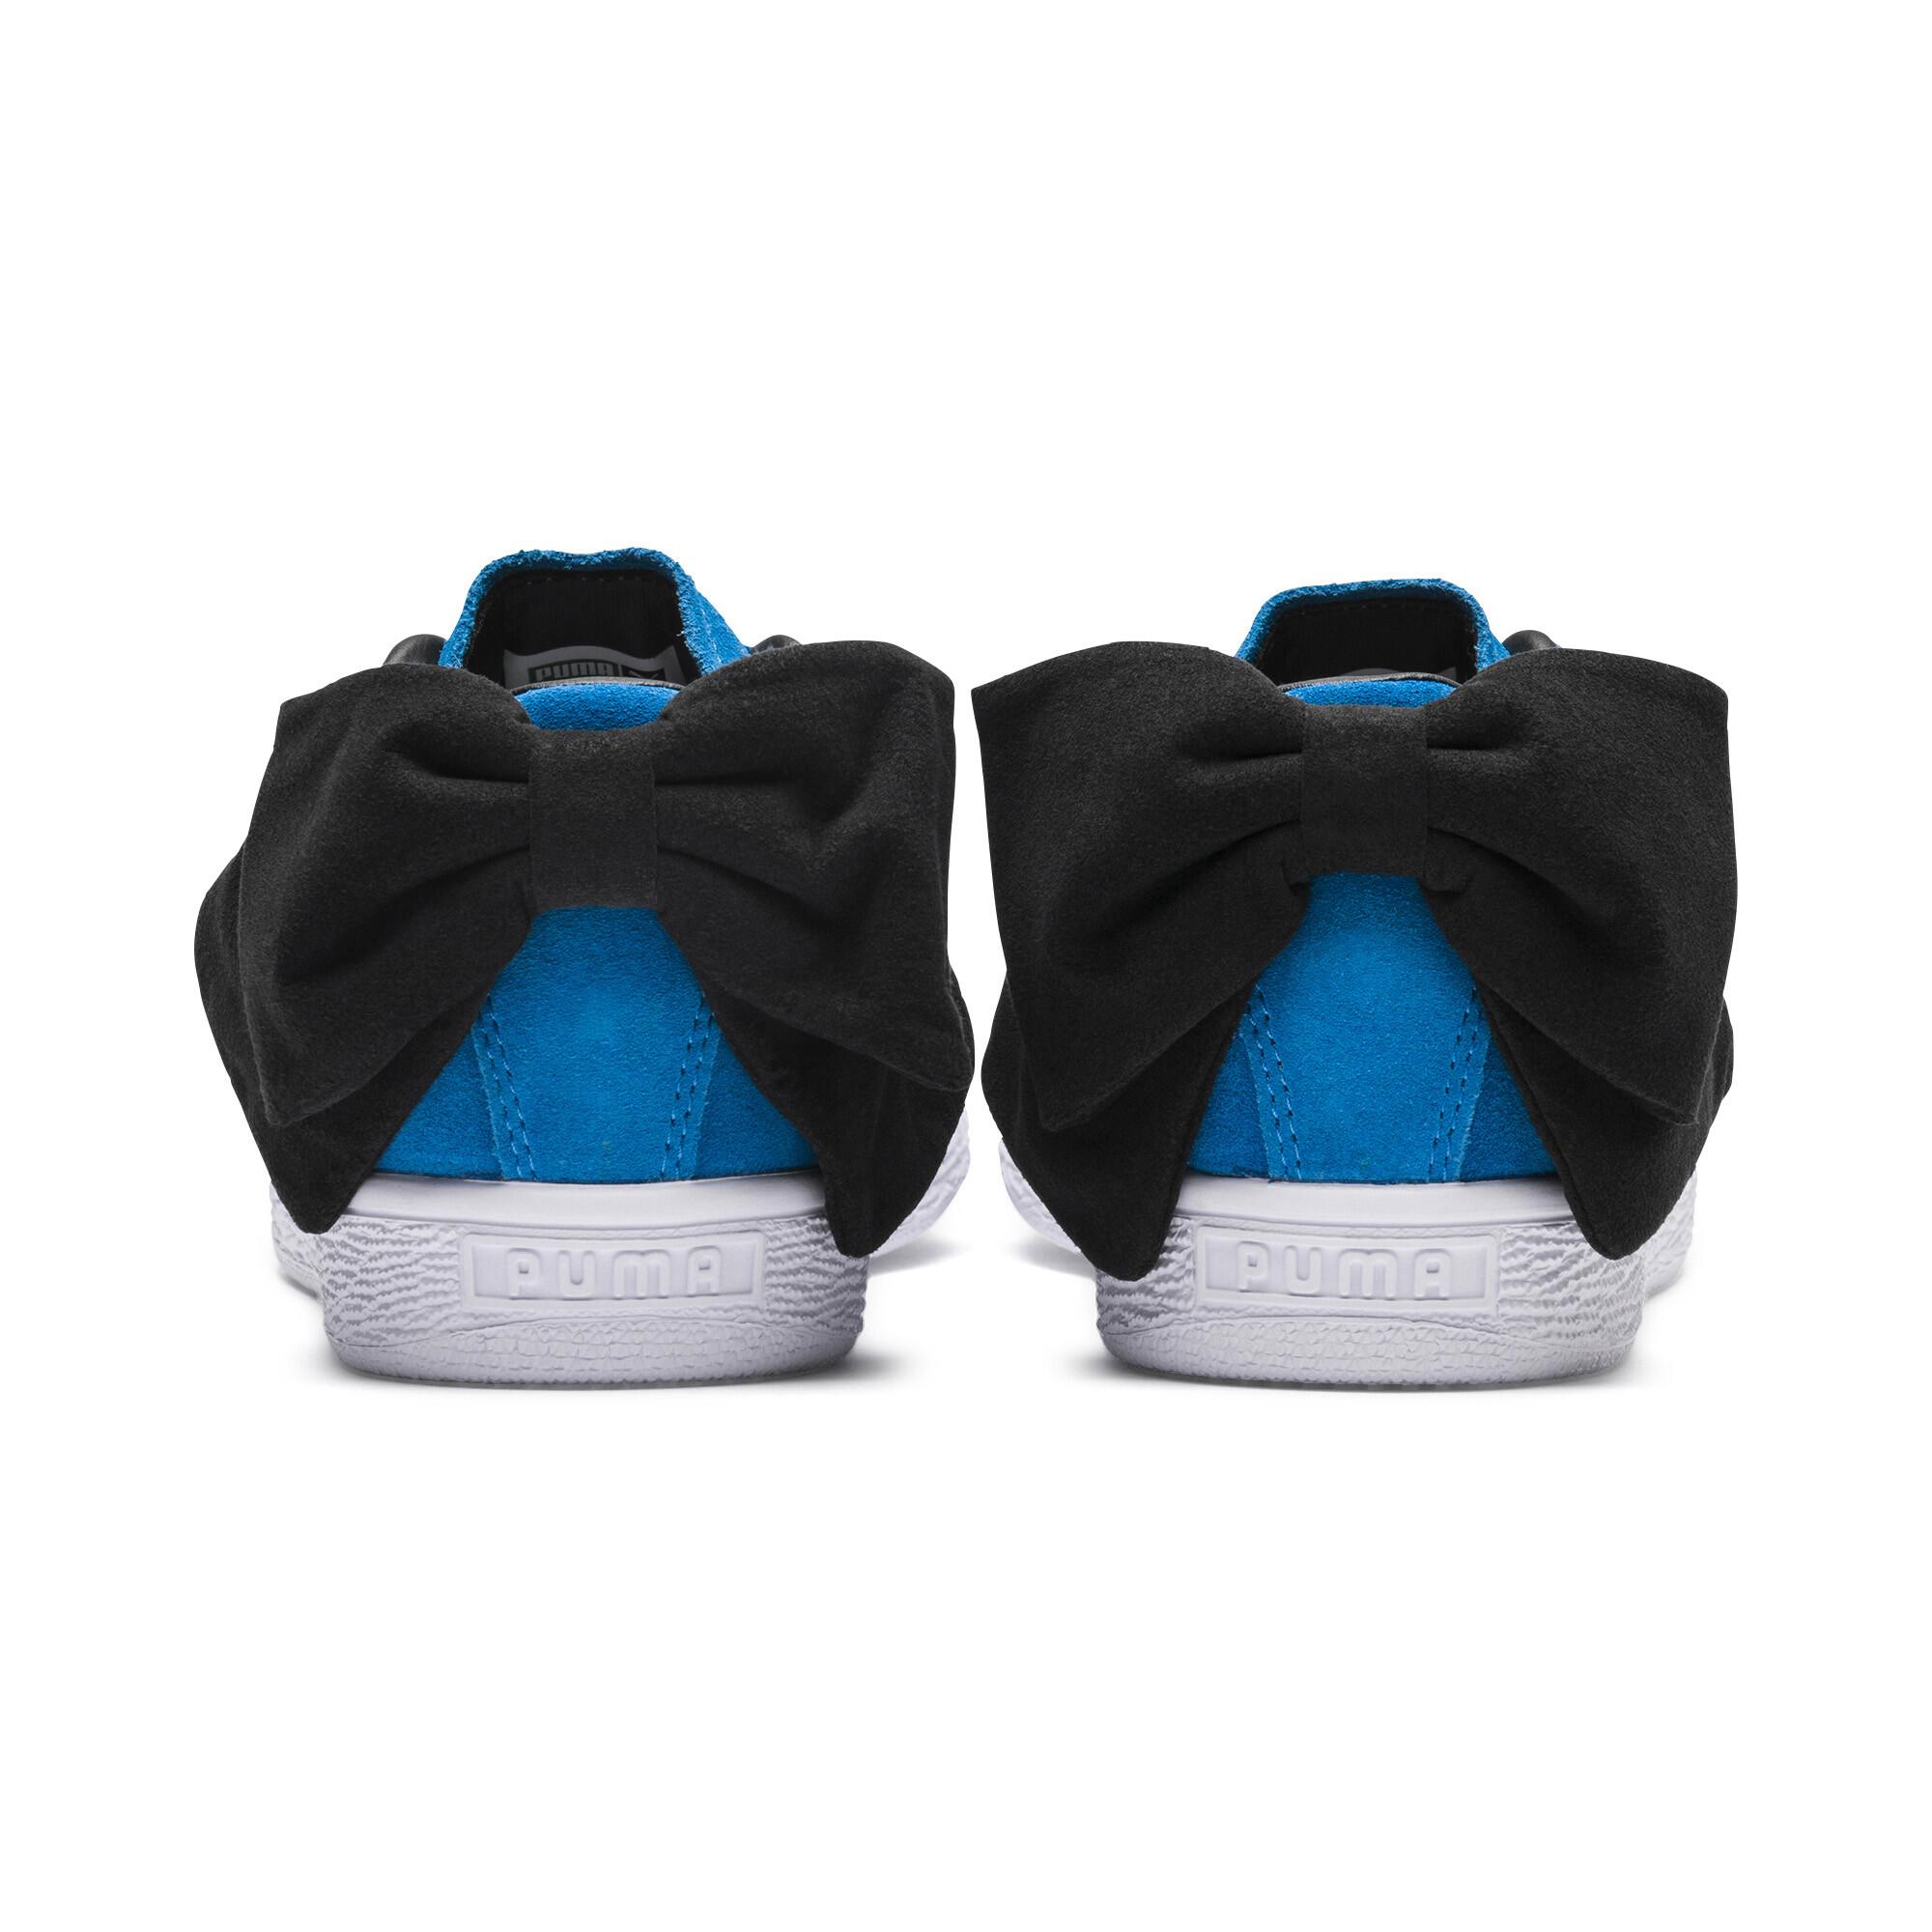 PUMA-Suede-Bow-Block-Damen-Sneaker-Frauen-Schuhe-Sport-Classics-Neu Indexbild 15